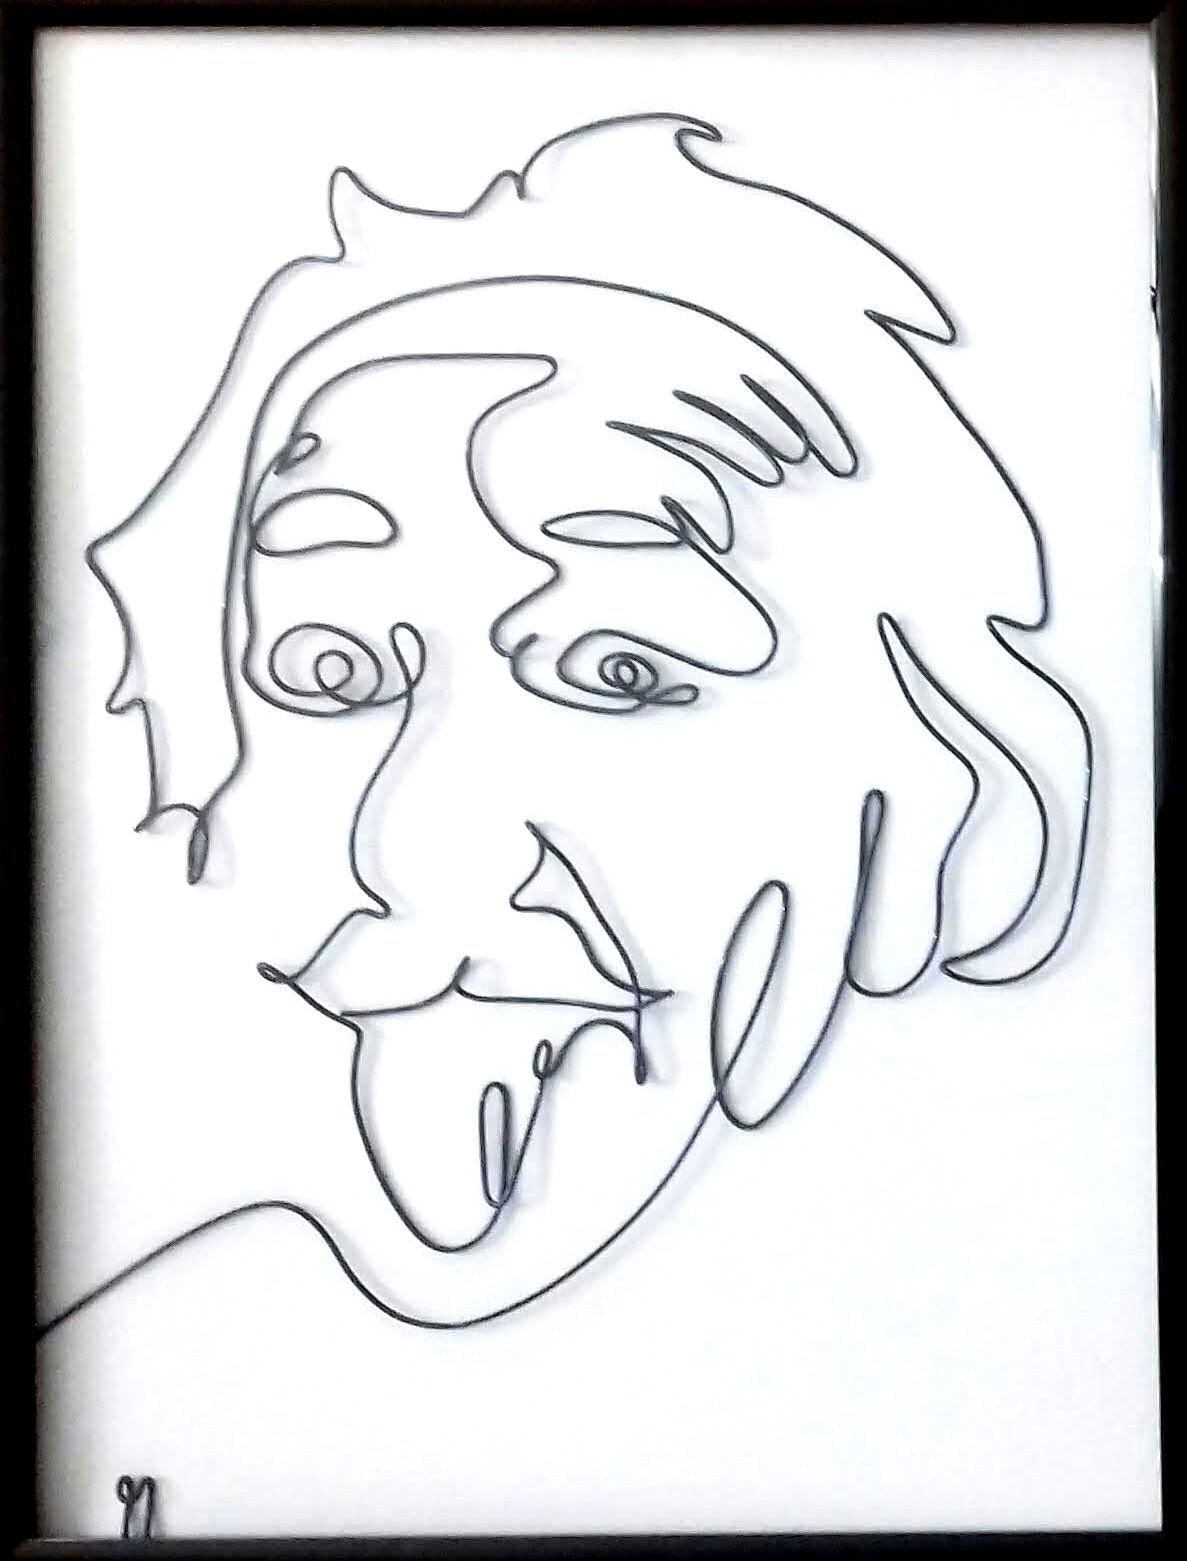 Einstein tongue 20200508_172546-1